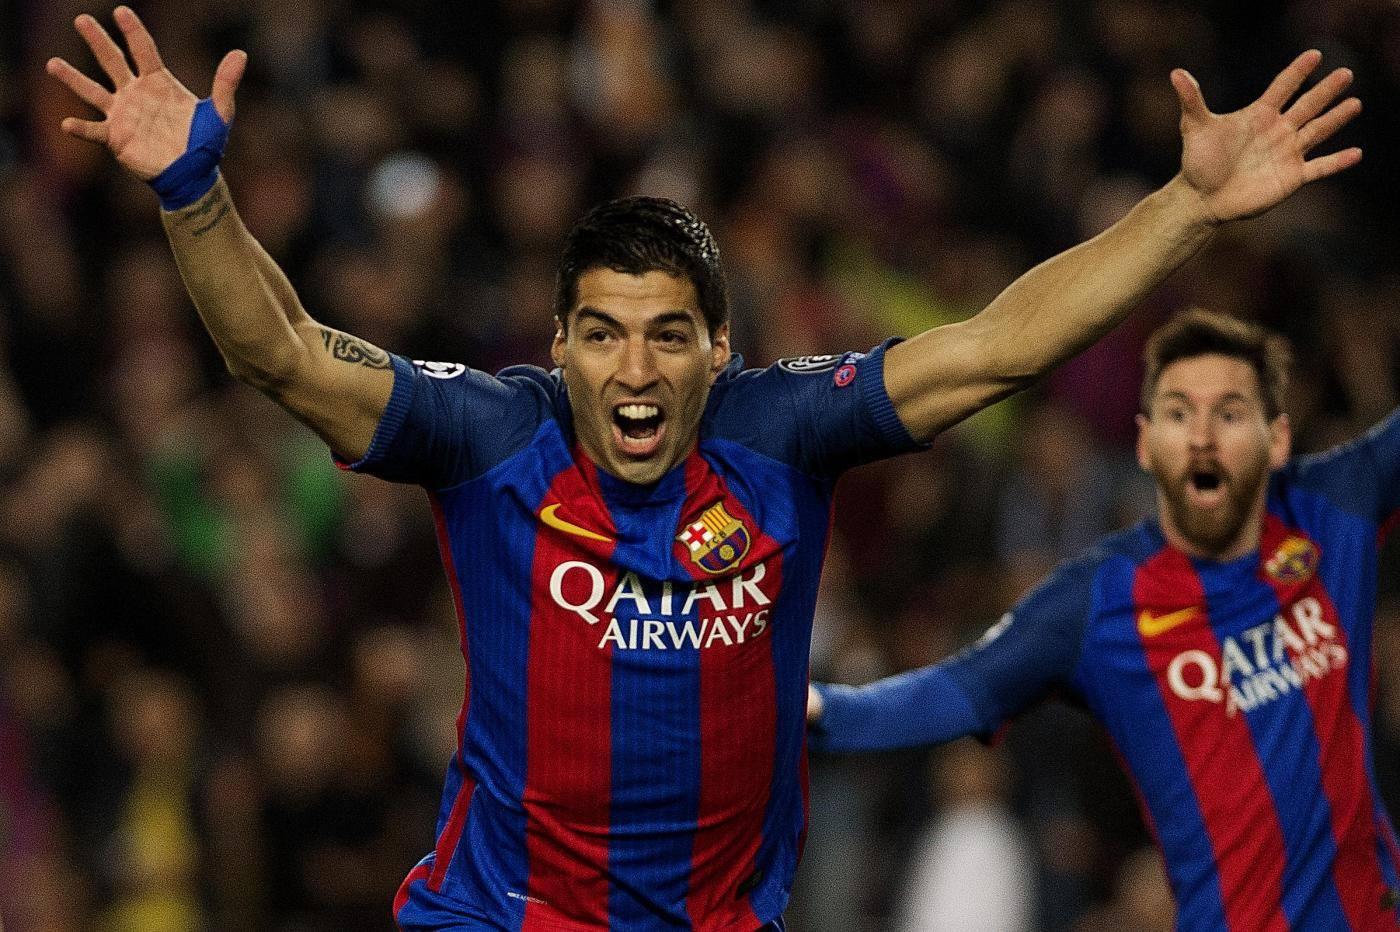 Barcellona-Psg 6-1: si rigiochi, la petizione su change.org